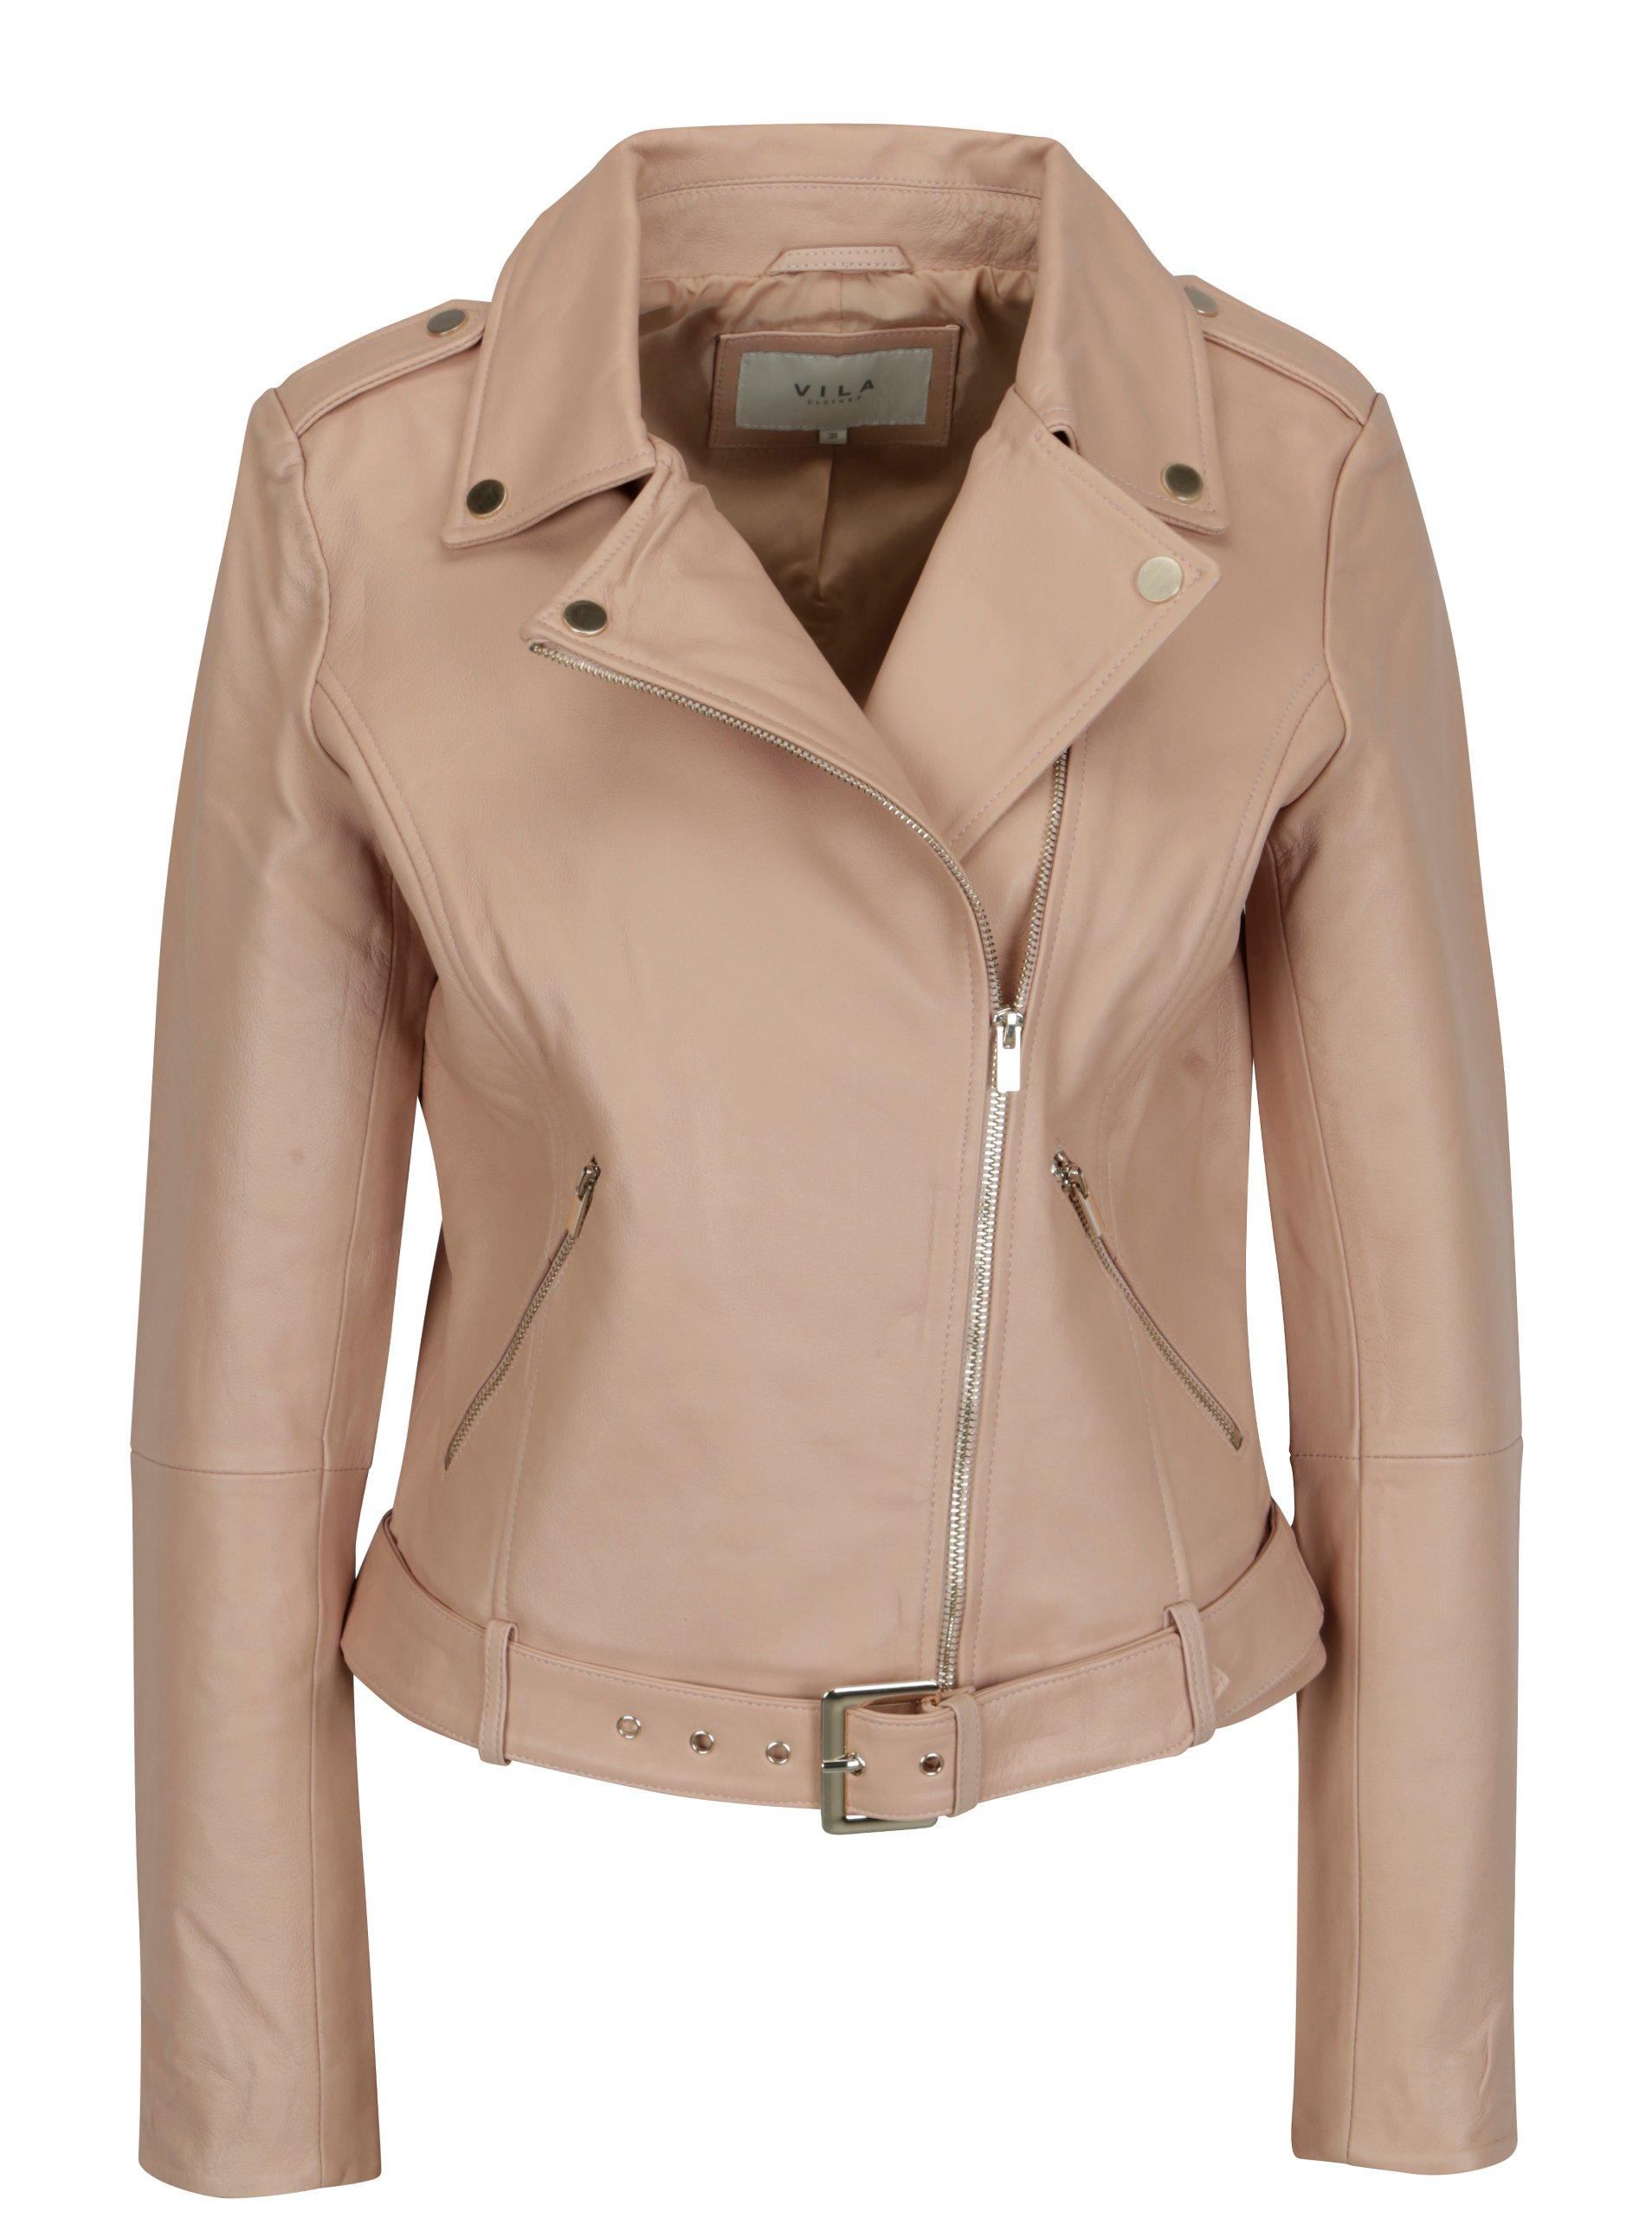 00e33efa60 Staroružová kožená bunda VILA Ellas